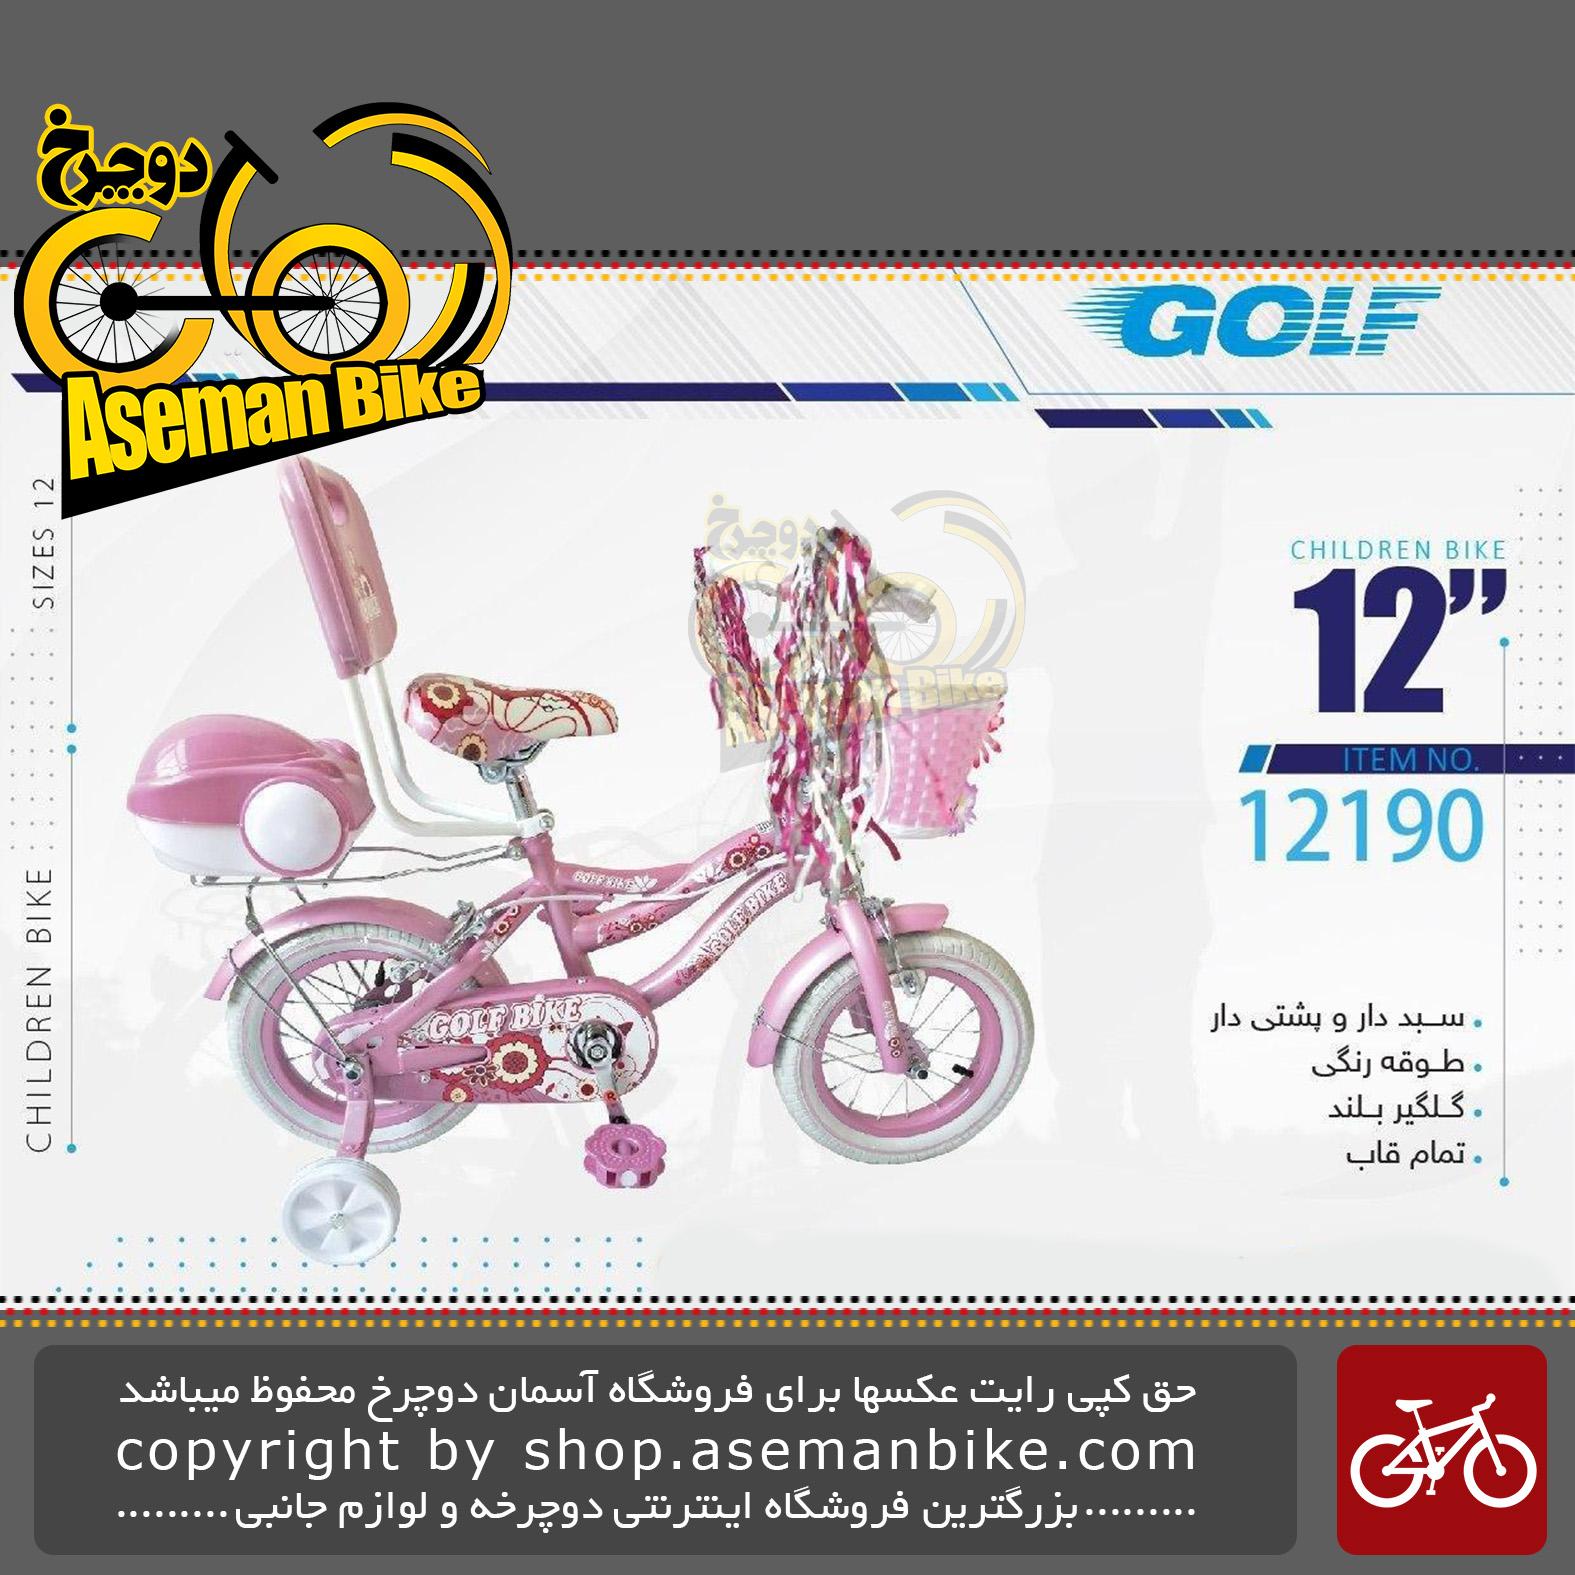 دوچرخه بچگانه دخترانه گلف سایز 12 پشتی دار صندوق دار سبد دار مدل 12190 GOLF Bicycle Kids Size 12 Model 12190